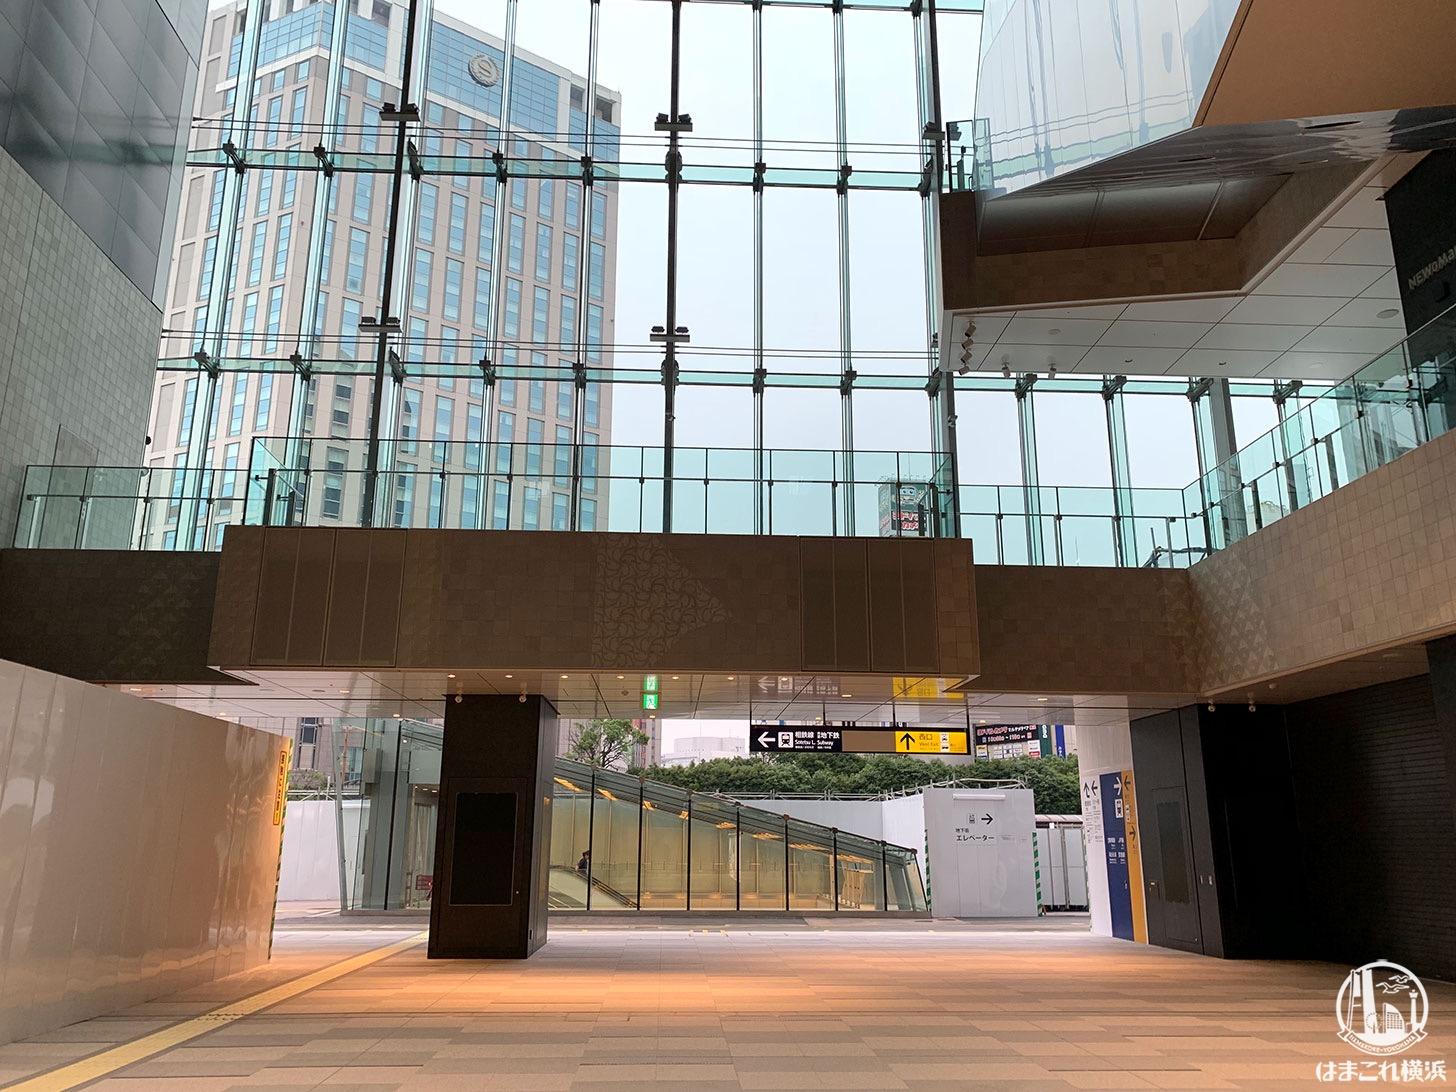 横浜駅西口 吹き抜け「アトリウム」